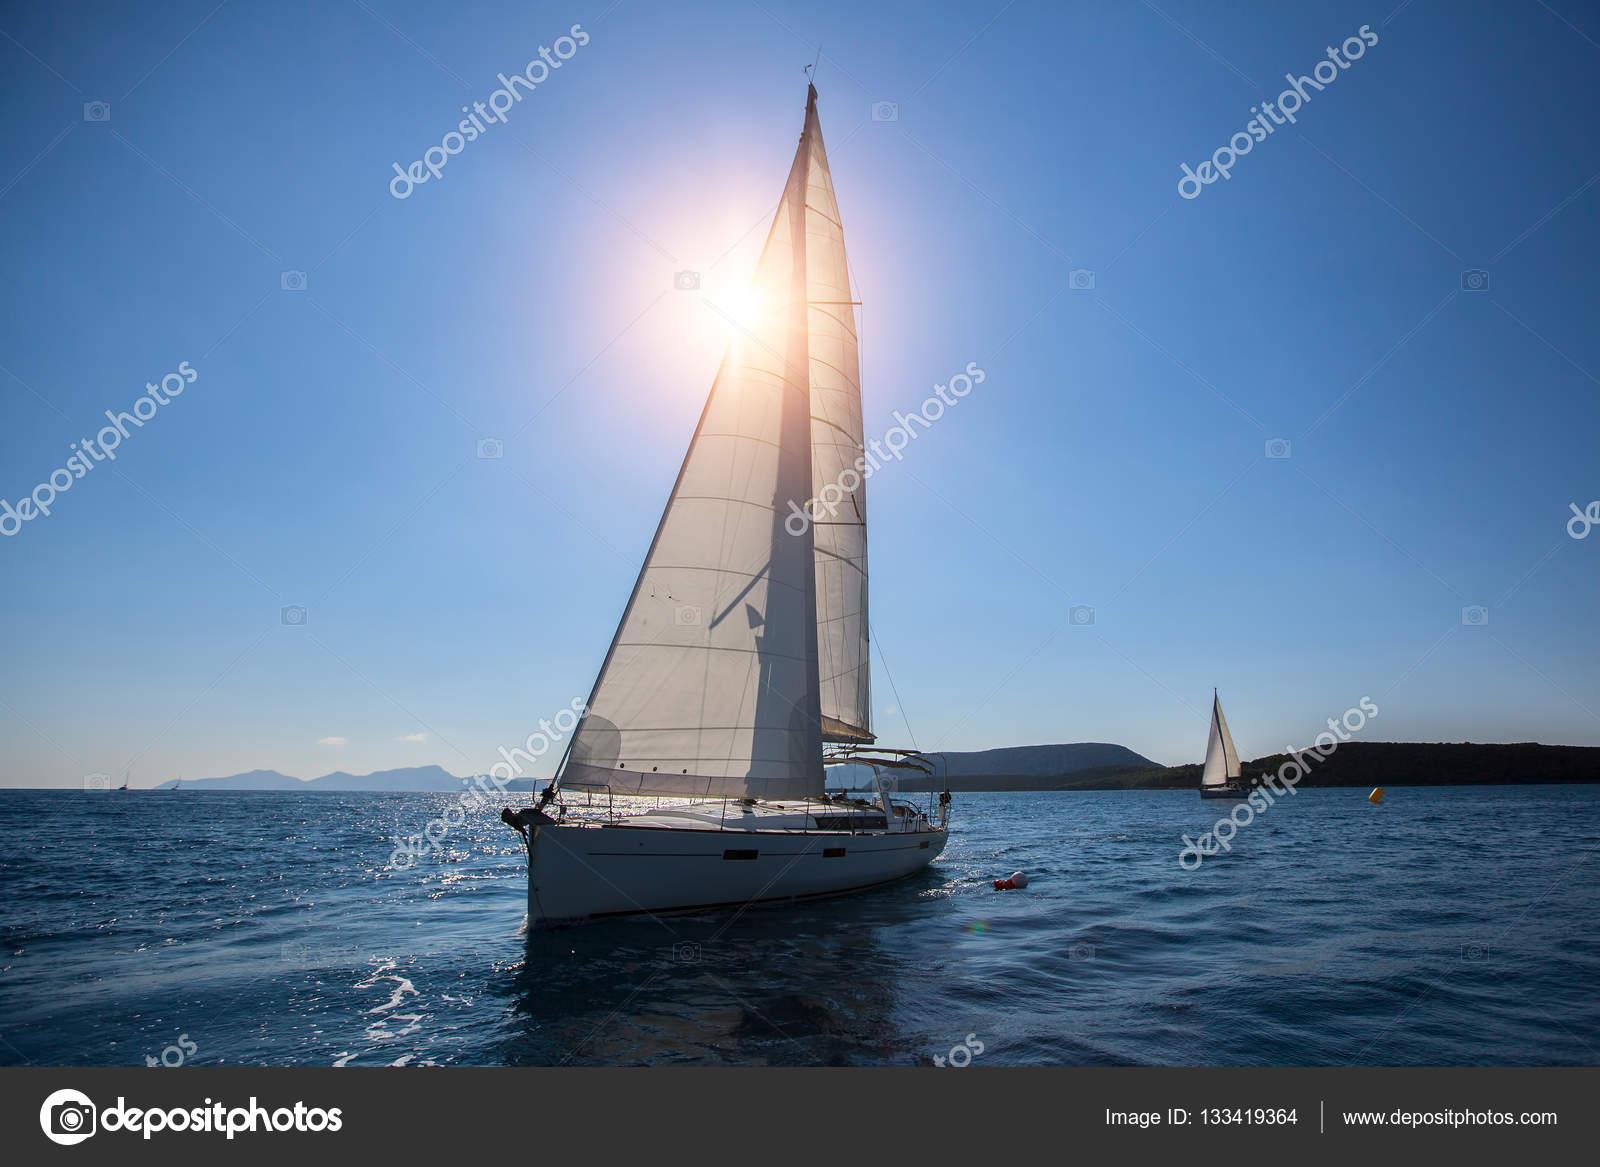 Luxus segelyachten hersteller  Luxus-Segelyachten — Stockfoto © dimaberkut #133419364